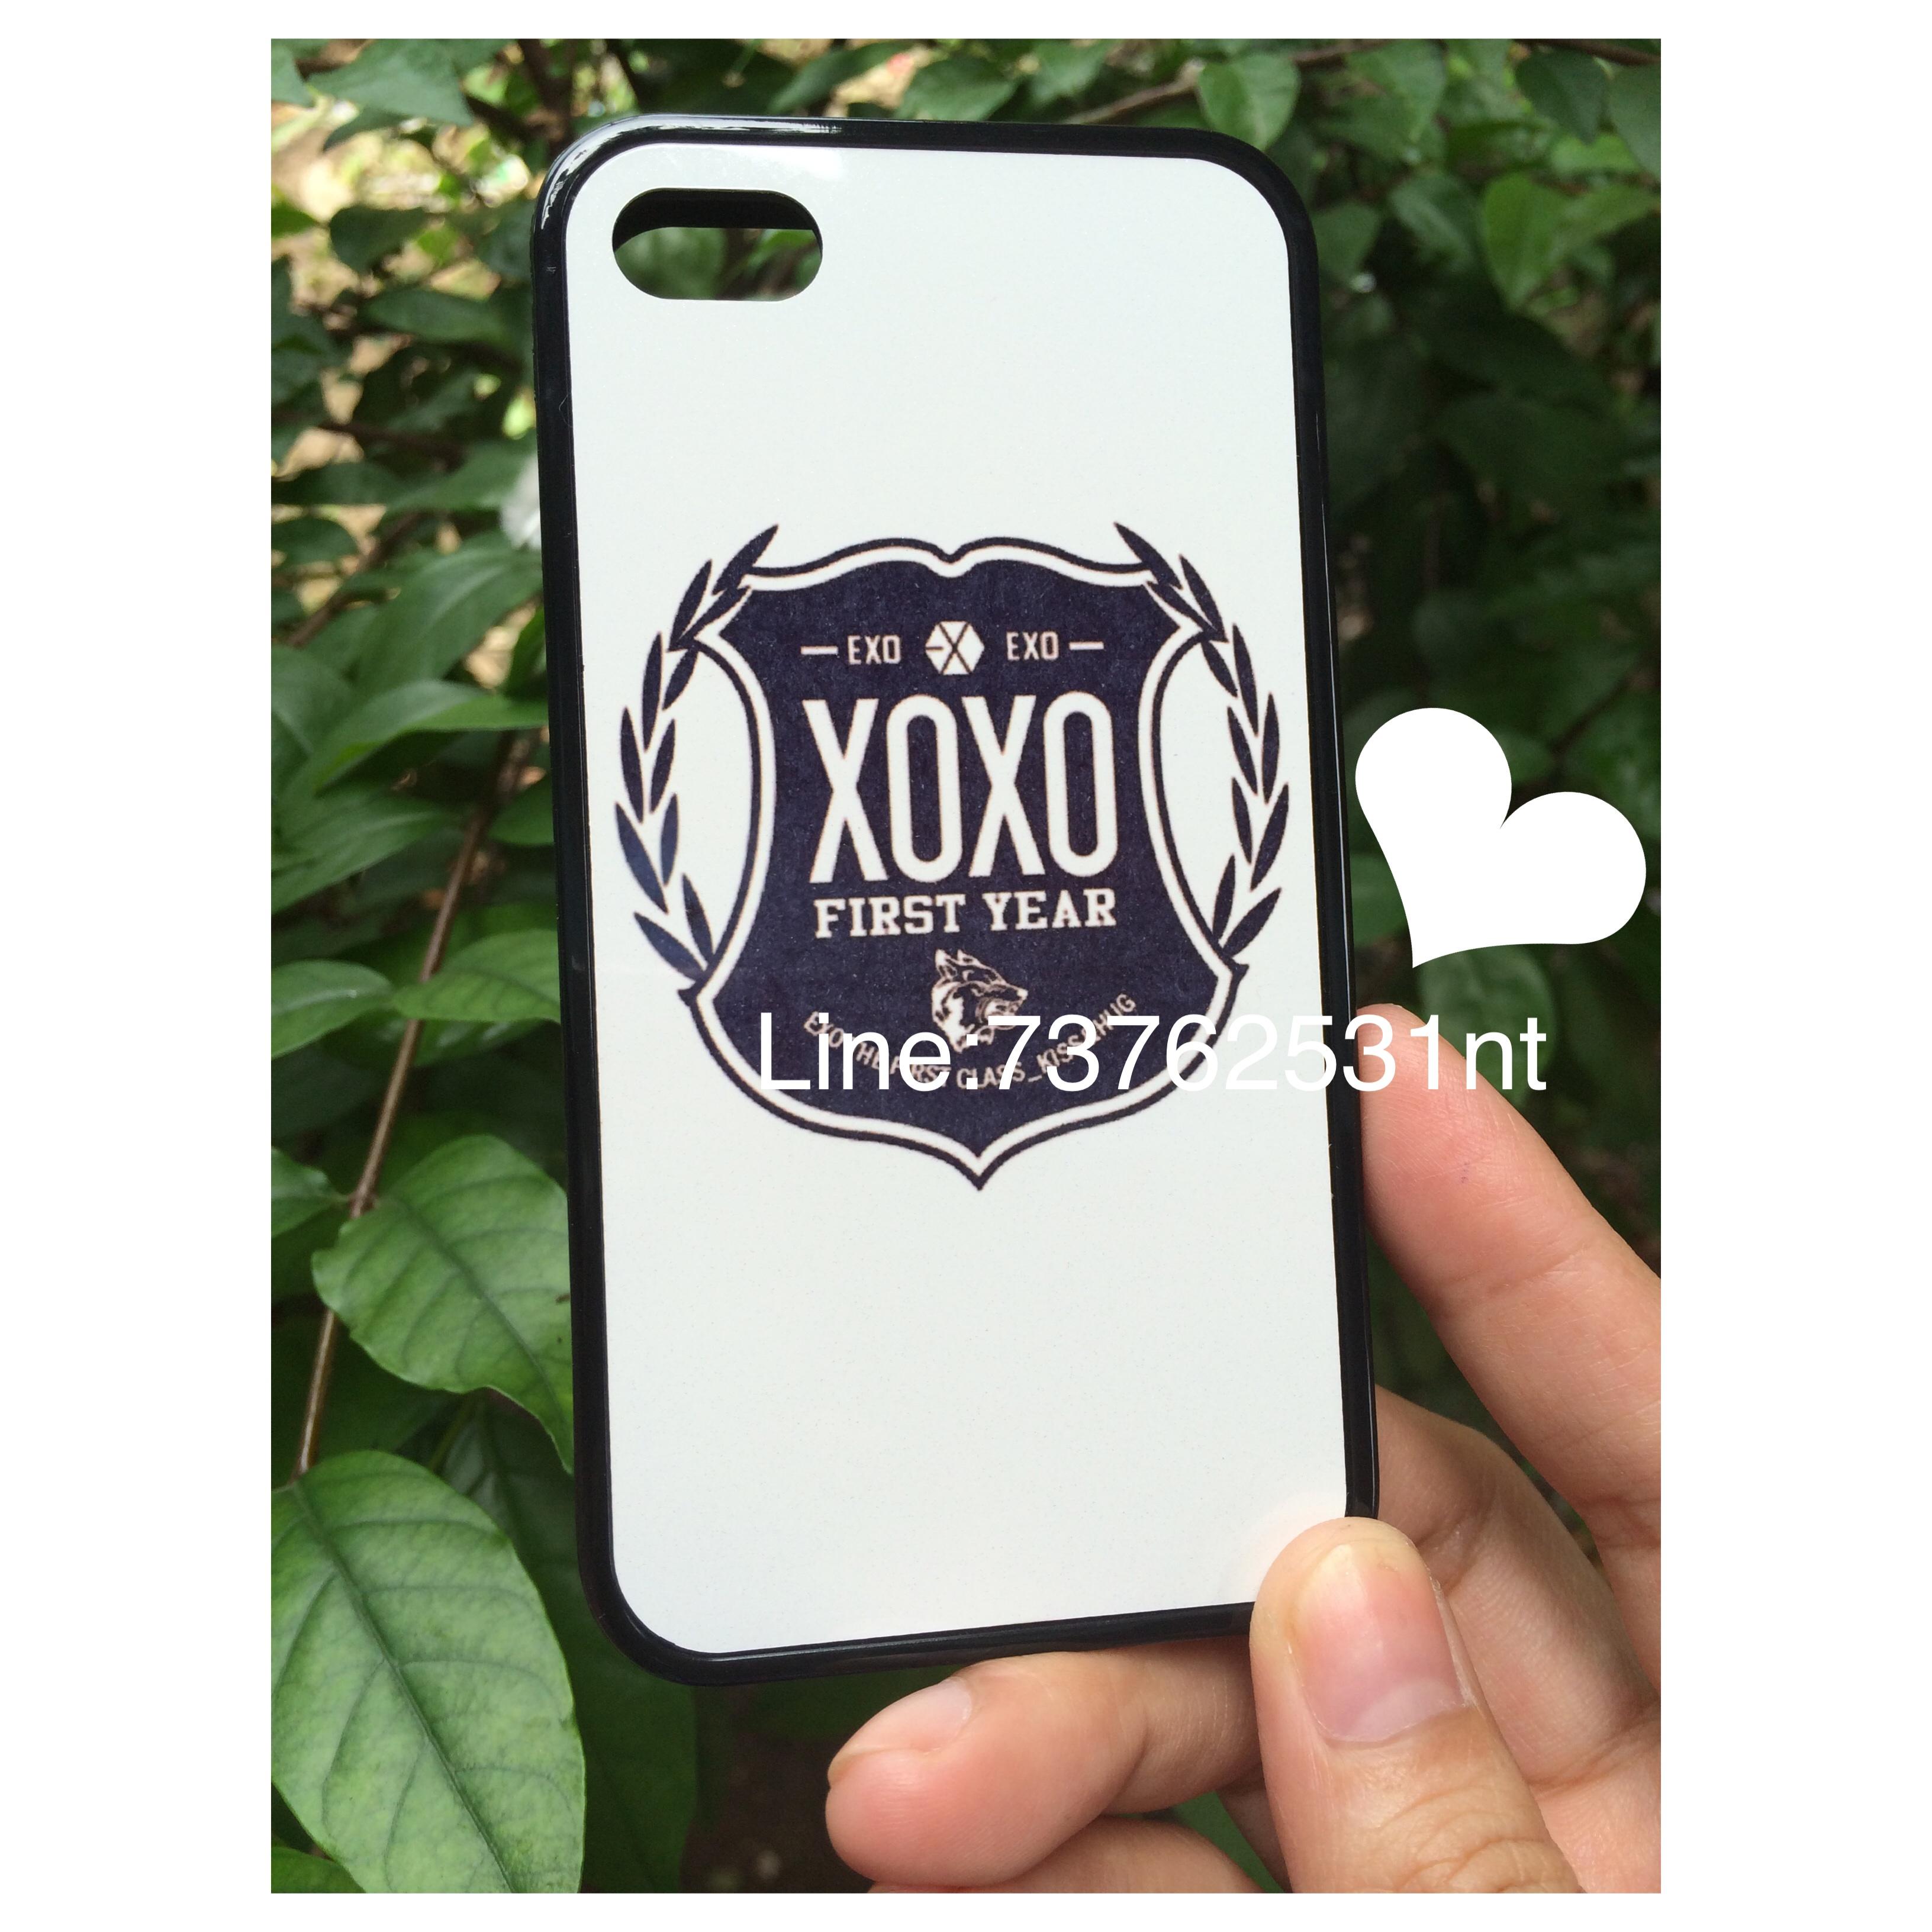 EXO เคส EXO iPhone4/4s/5/5s